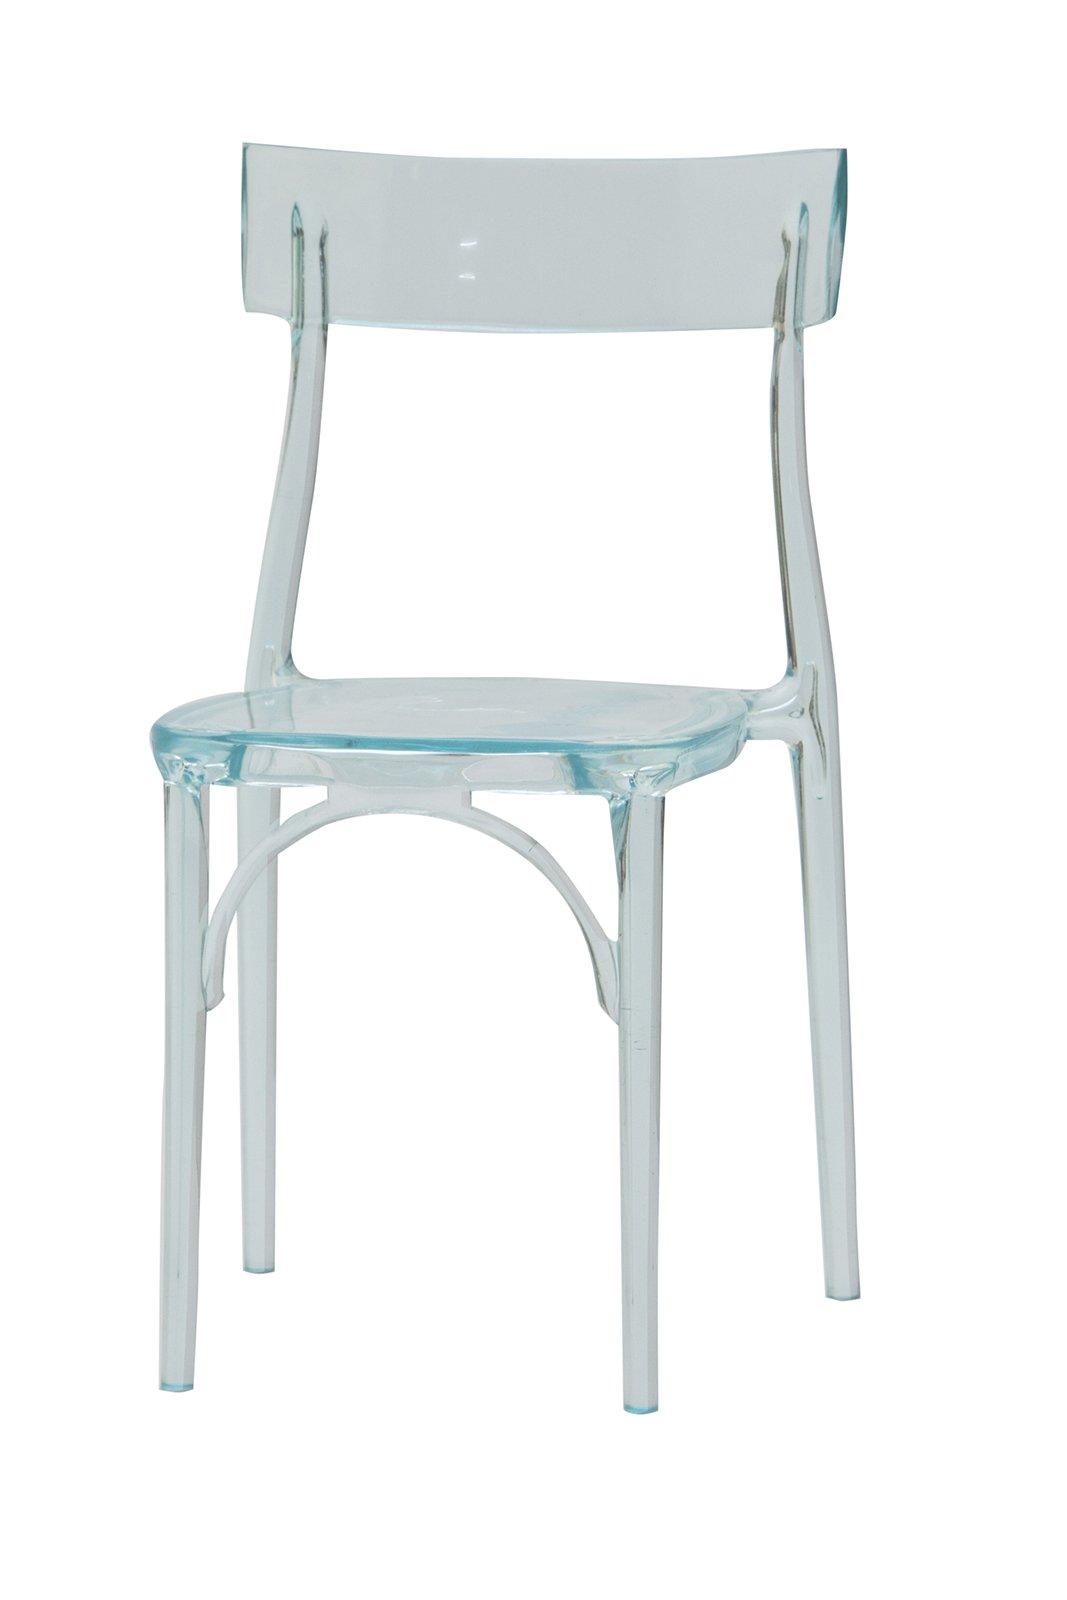 Colico design milano sedie trasparenti cose di casa - Sedie plastica design ...